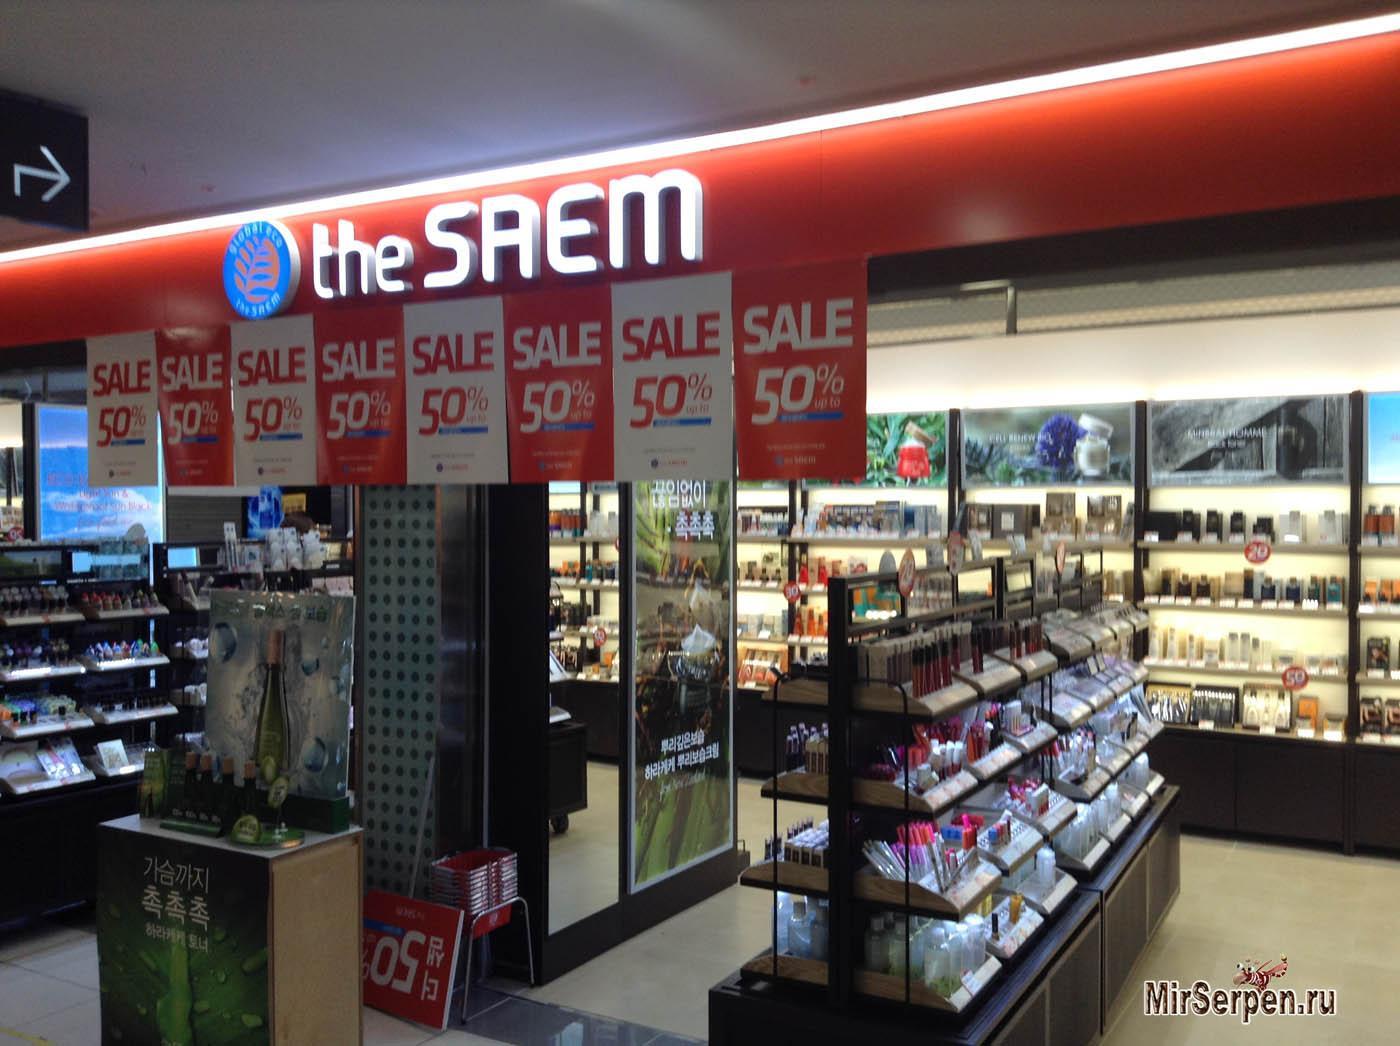 Как в корейском магазине легко получить скидку в 20%